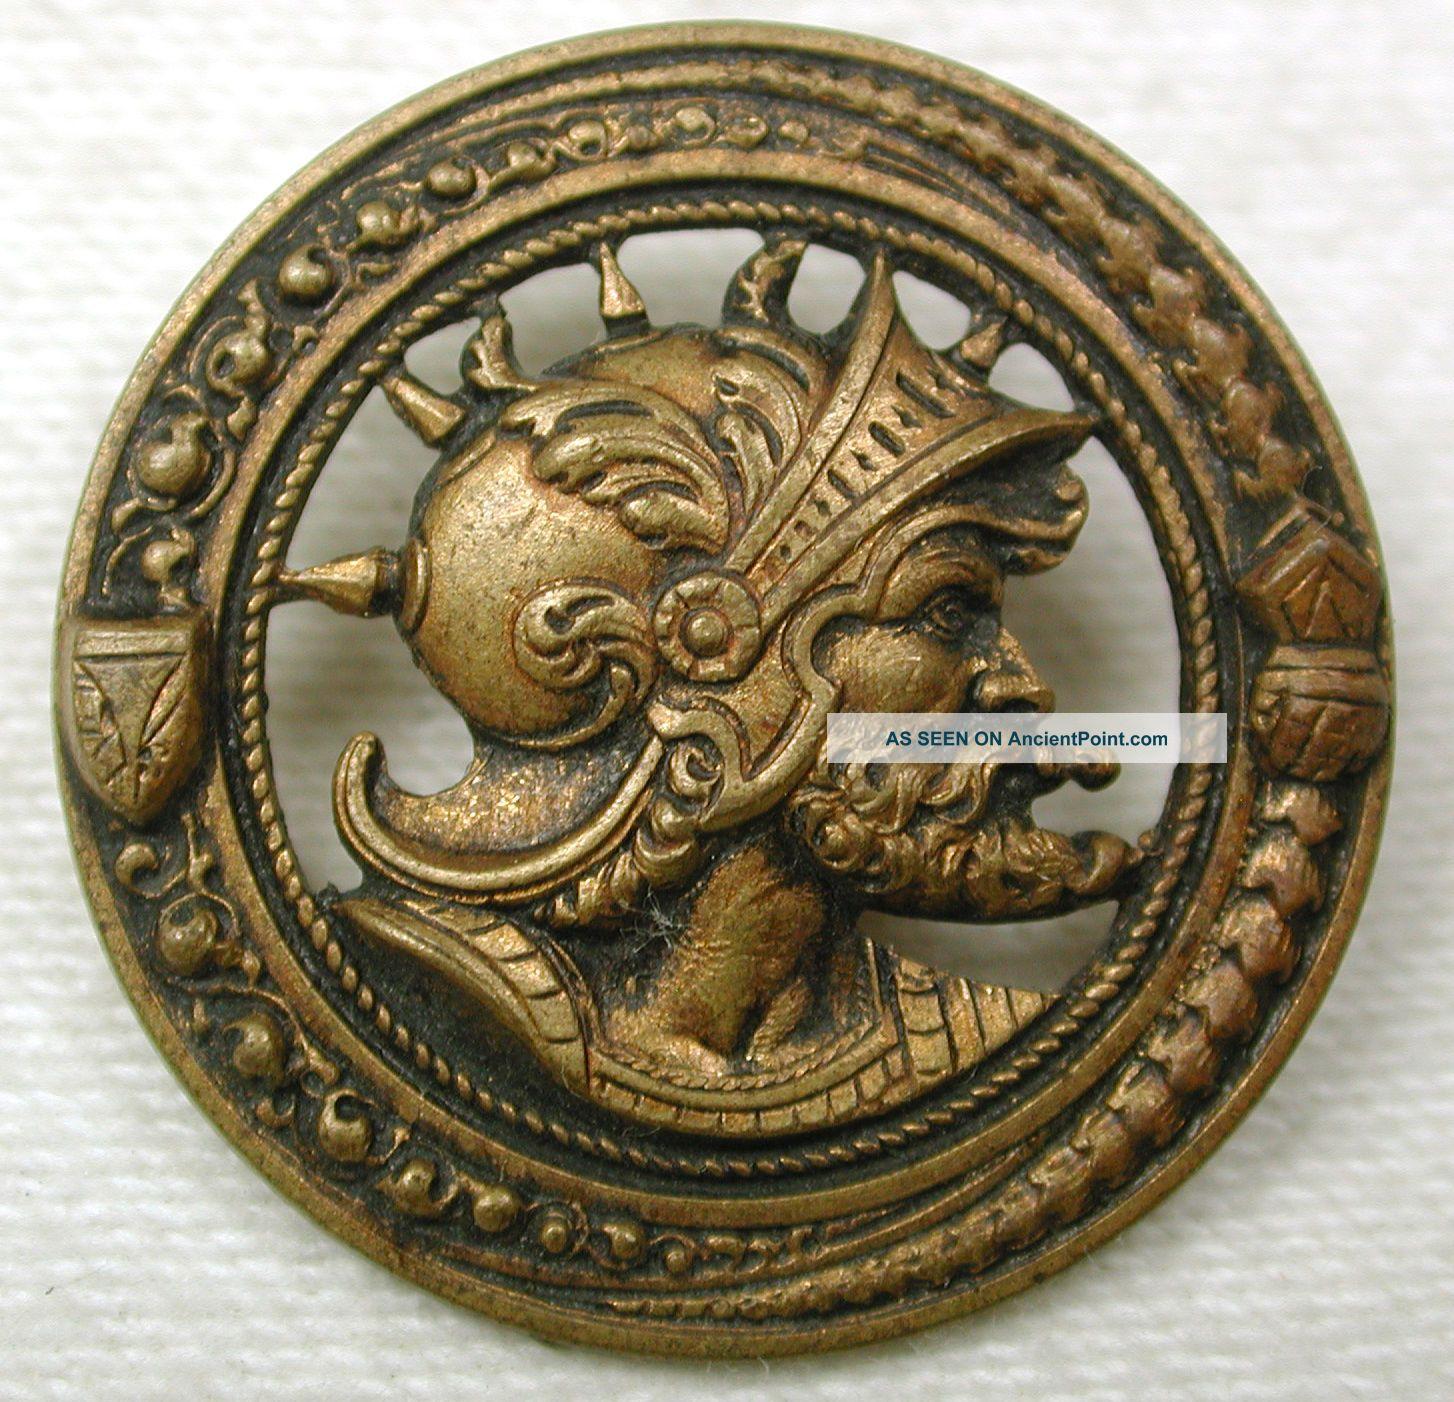 Antique Pierced Brass Button Man Wears Spiked Helmet & Beard 1